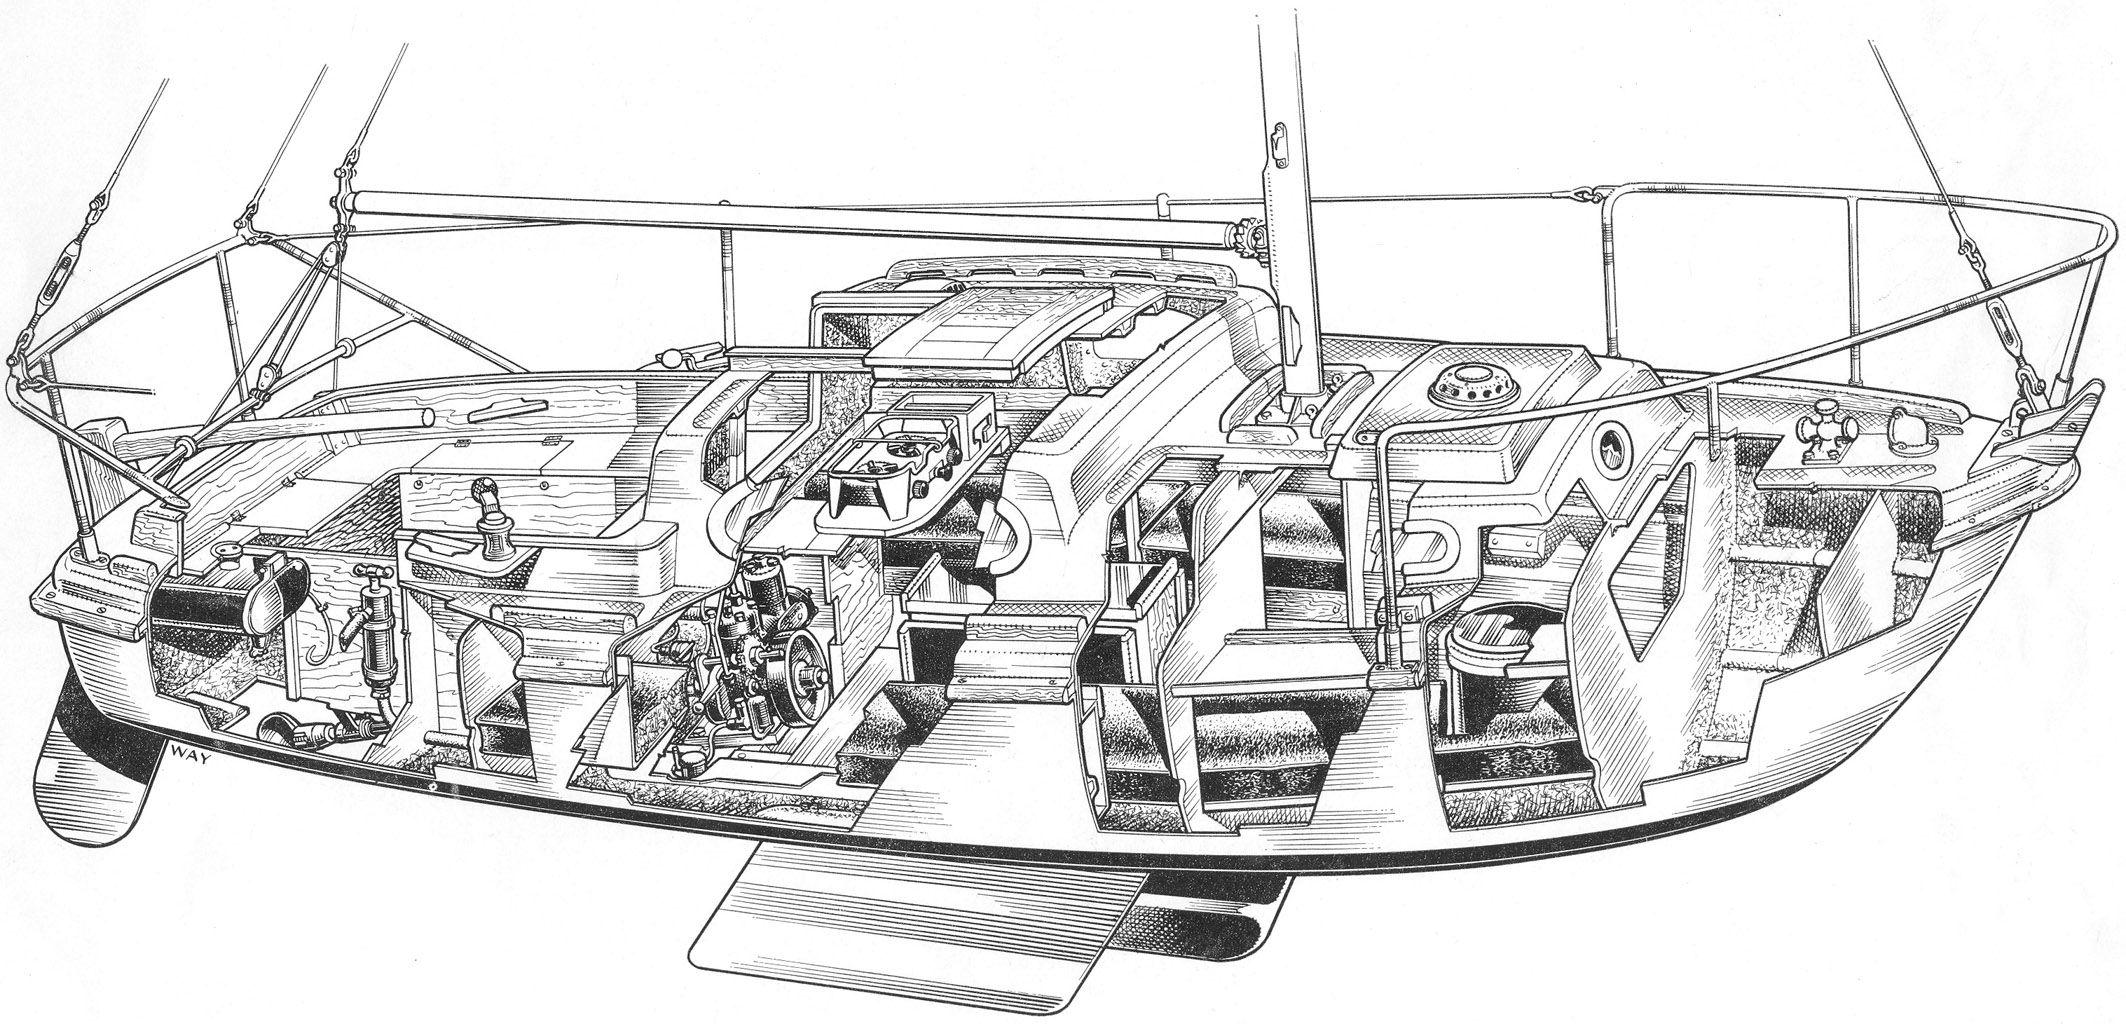 Spaceship Cutaway Diagram 2003 Ford Escape Wiring Crystal Jpg 21261024 Cutaways Pinterest